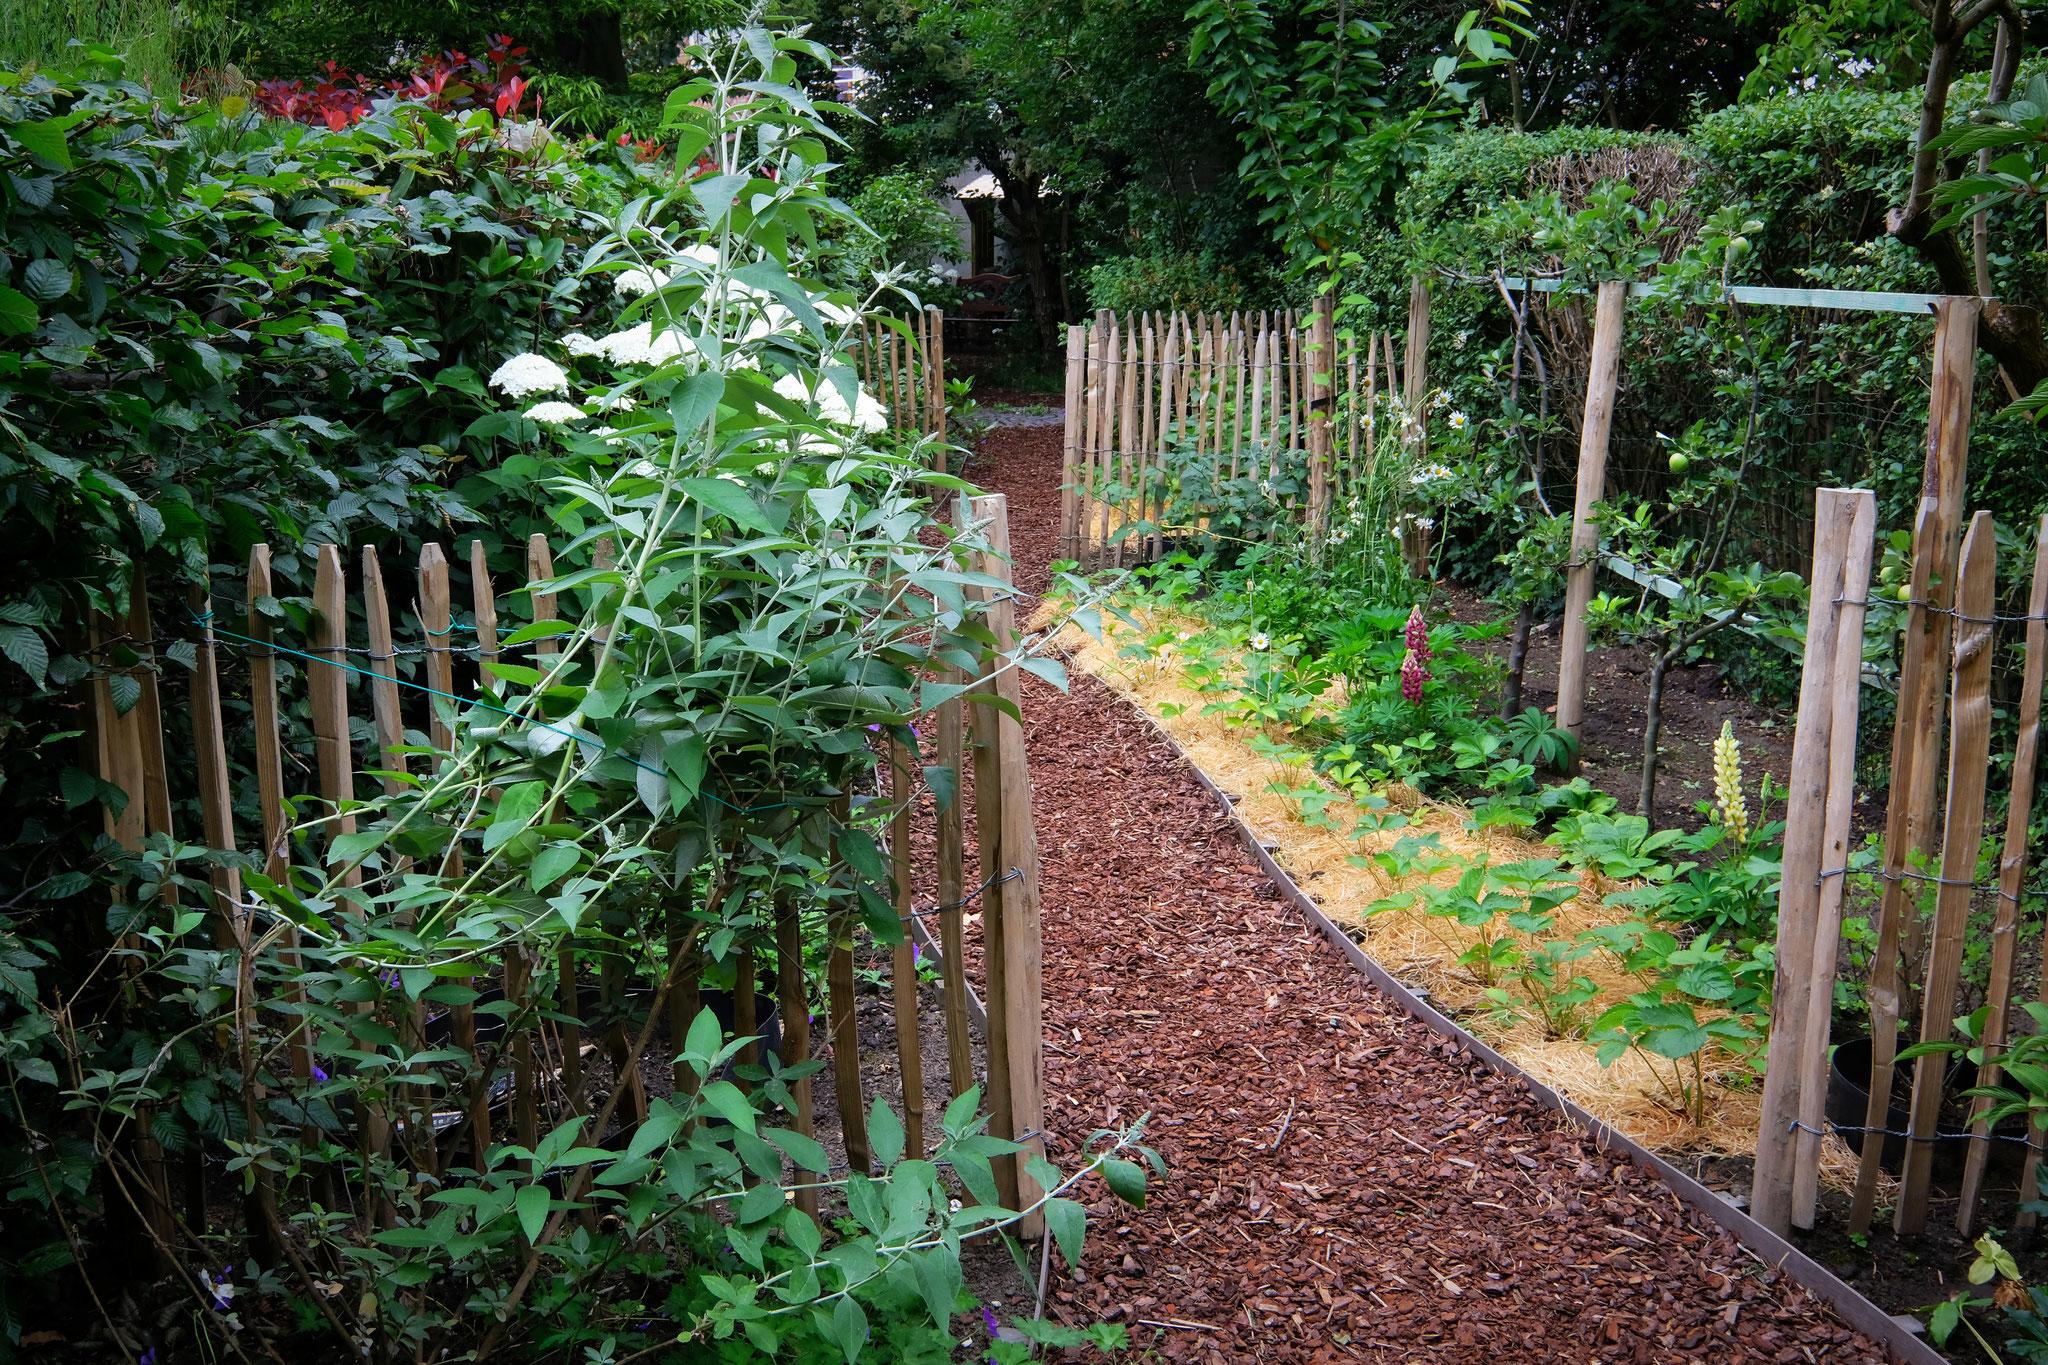 Jardin de ville 120m2 - Agroforesterie urbaine - Entrée dans le verger. Aménagement jardin Bruxelles.